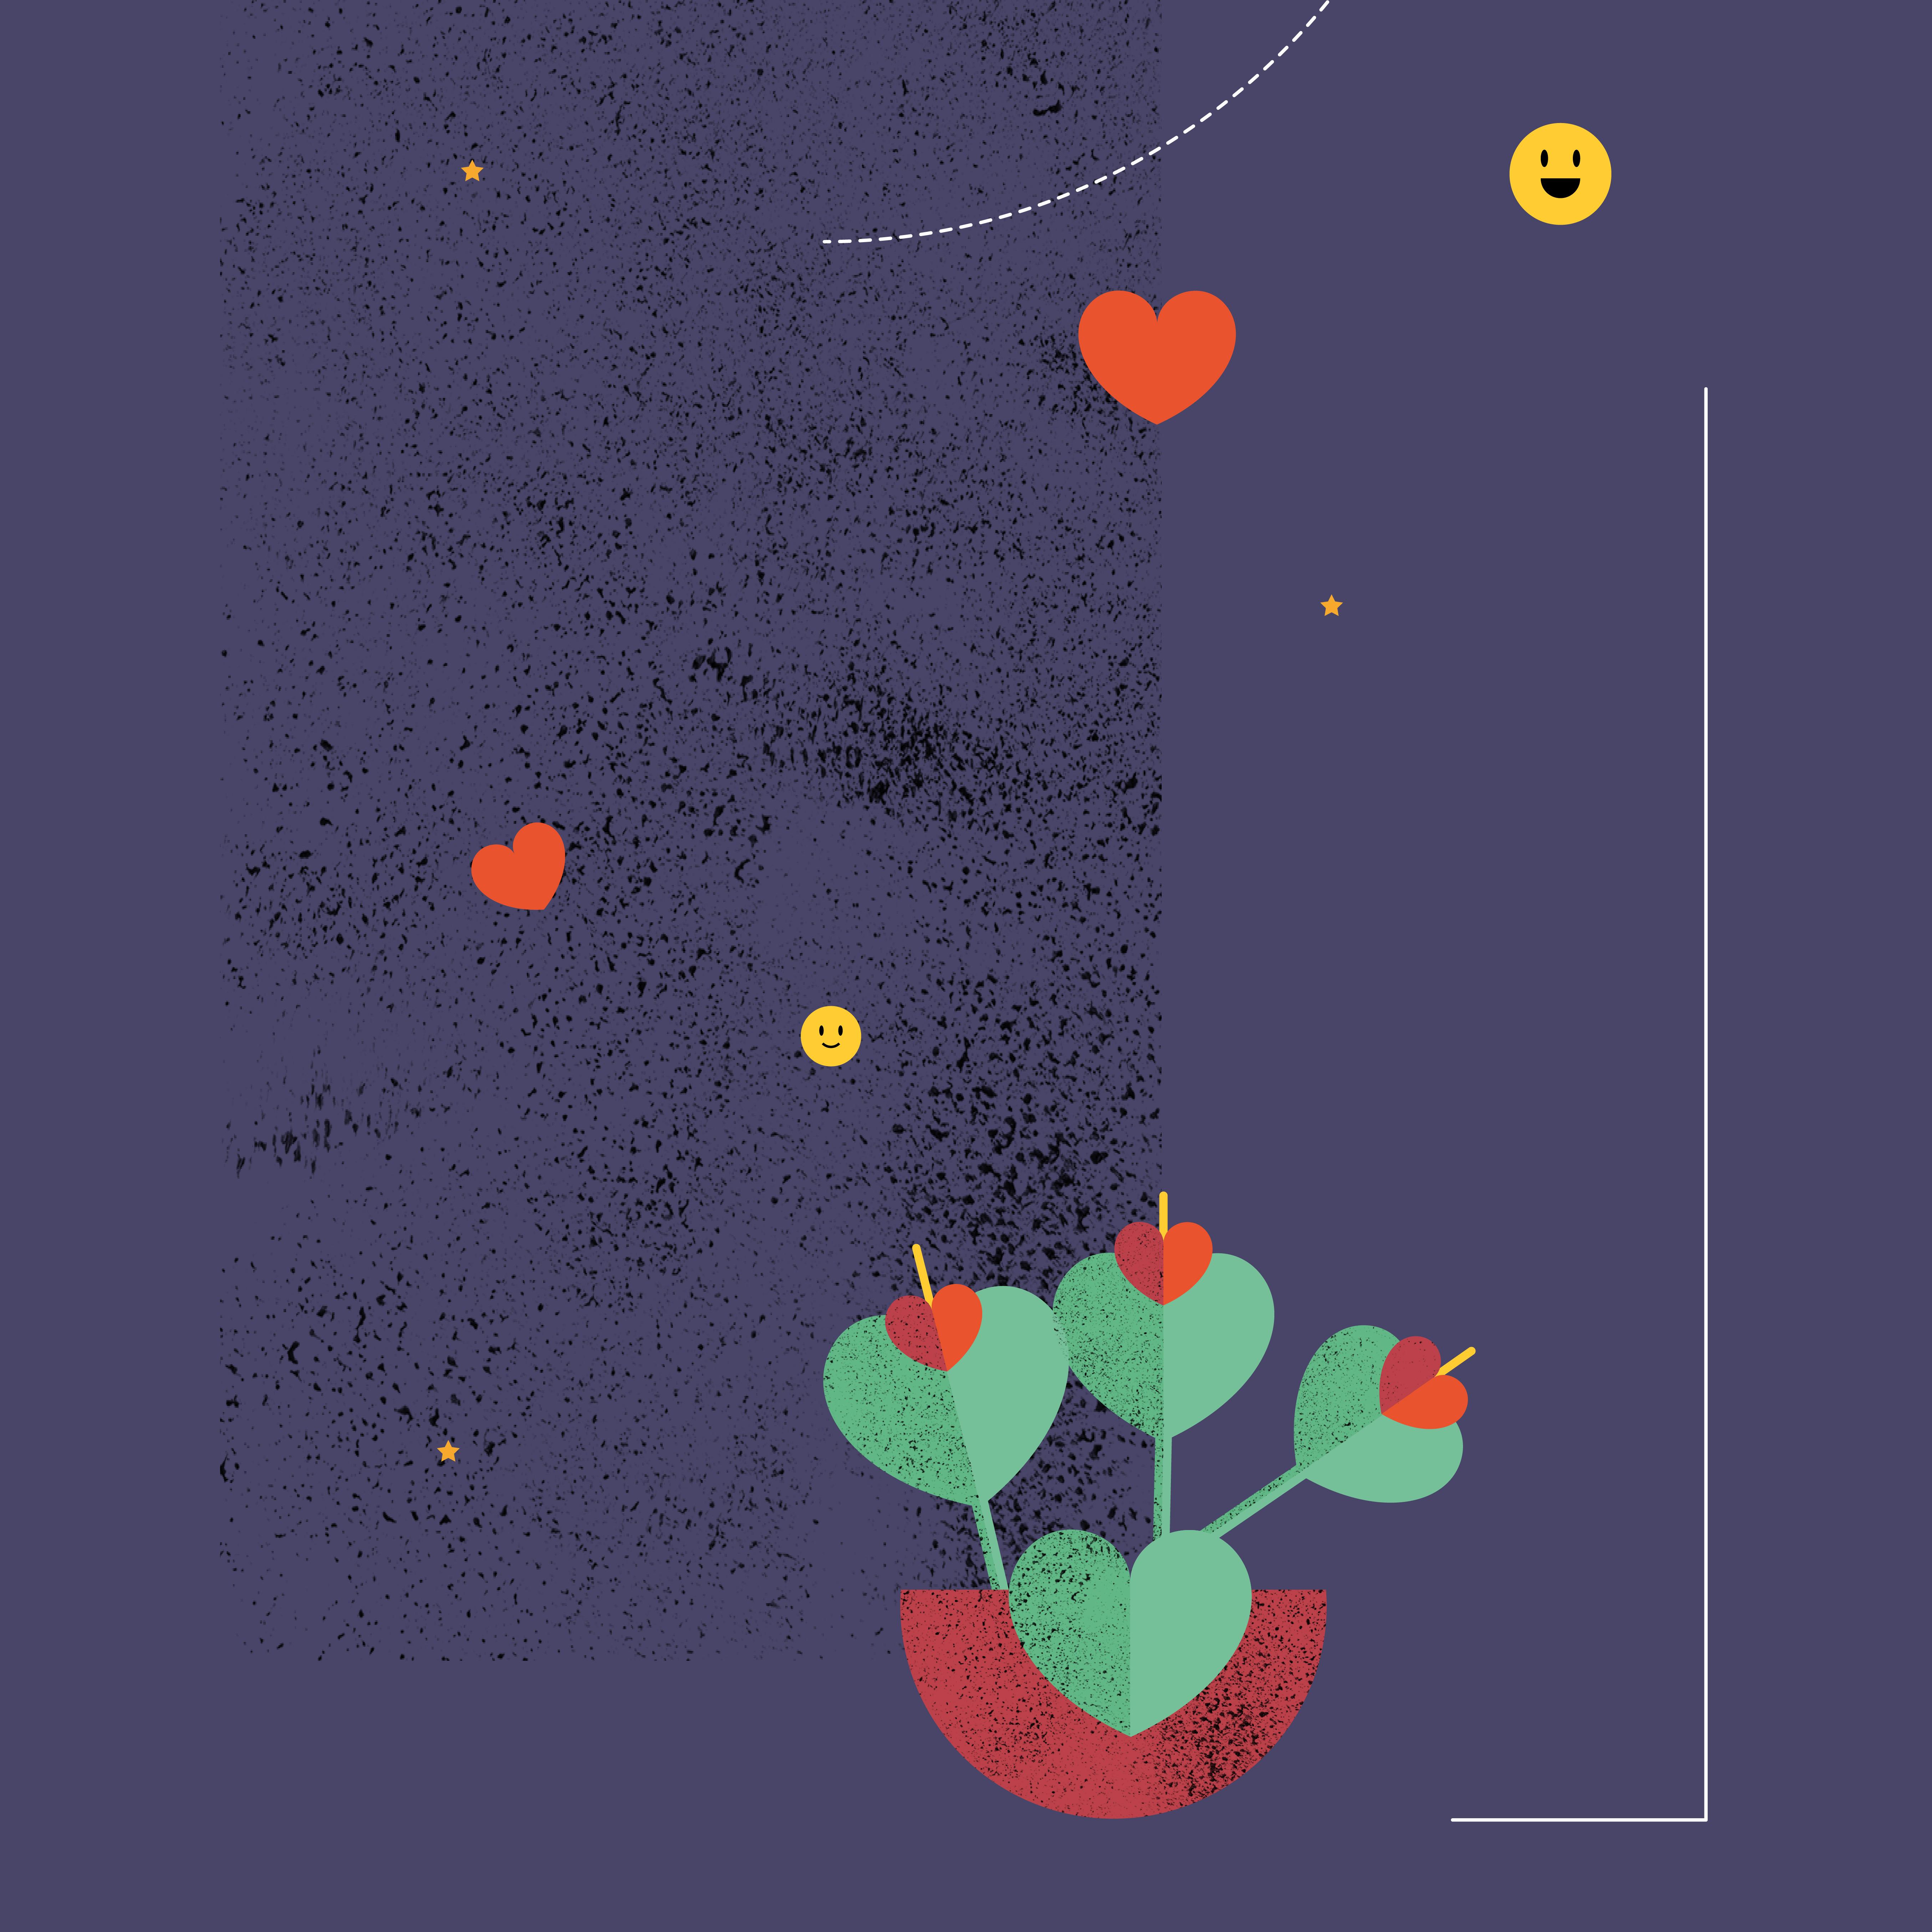 Illustration réalisée par Aïtana Design pour NewDeal, startup française situé à Biarritz